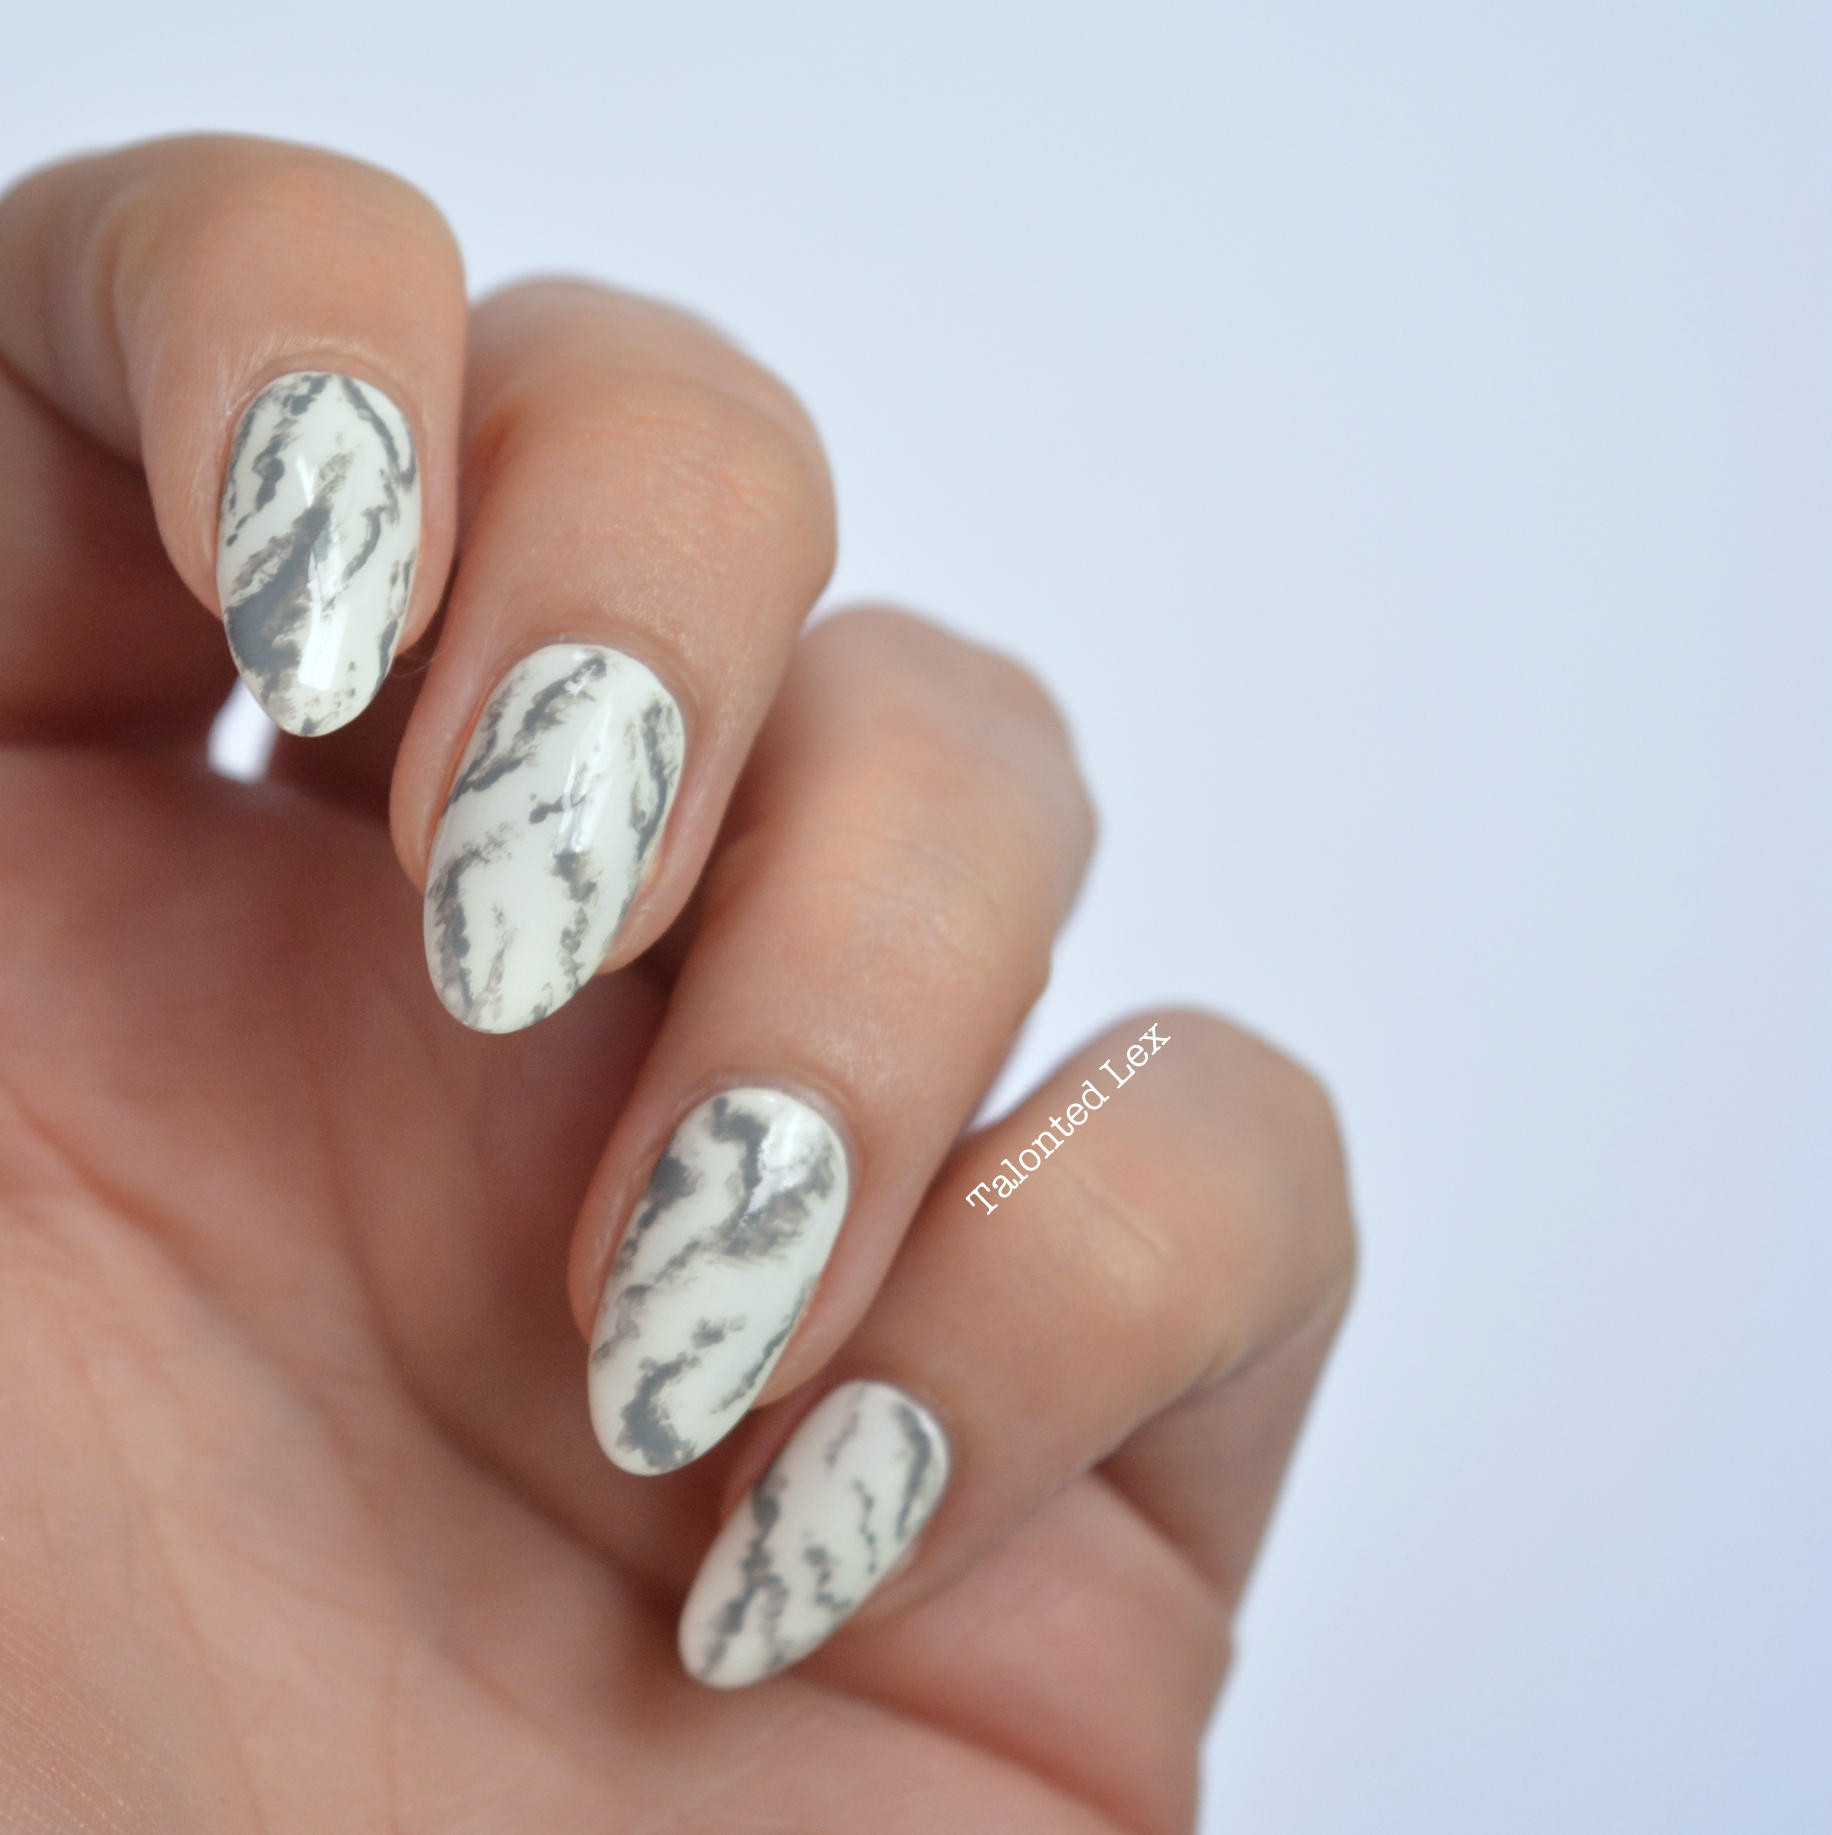 Mani-Monday-Talonted-Lex-Marble-Nail-Art